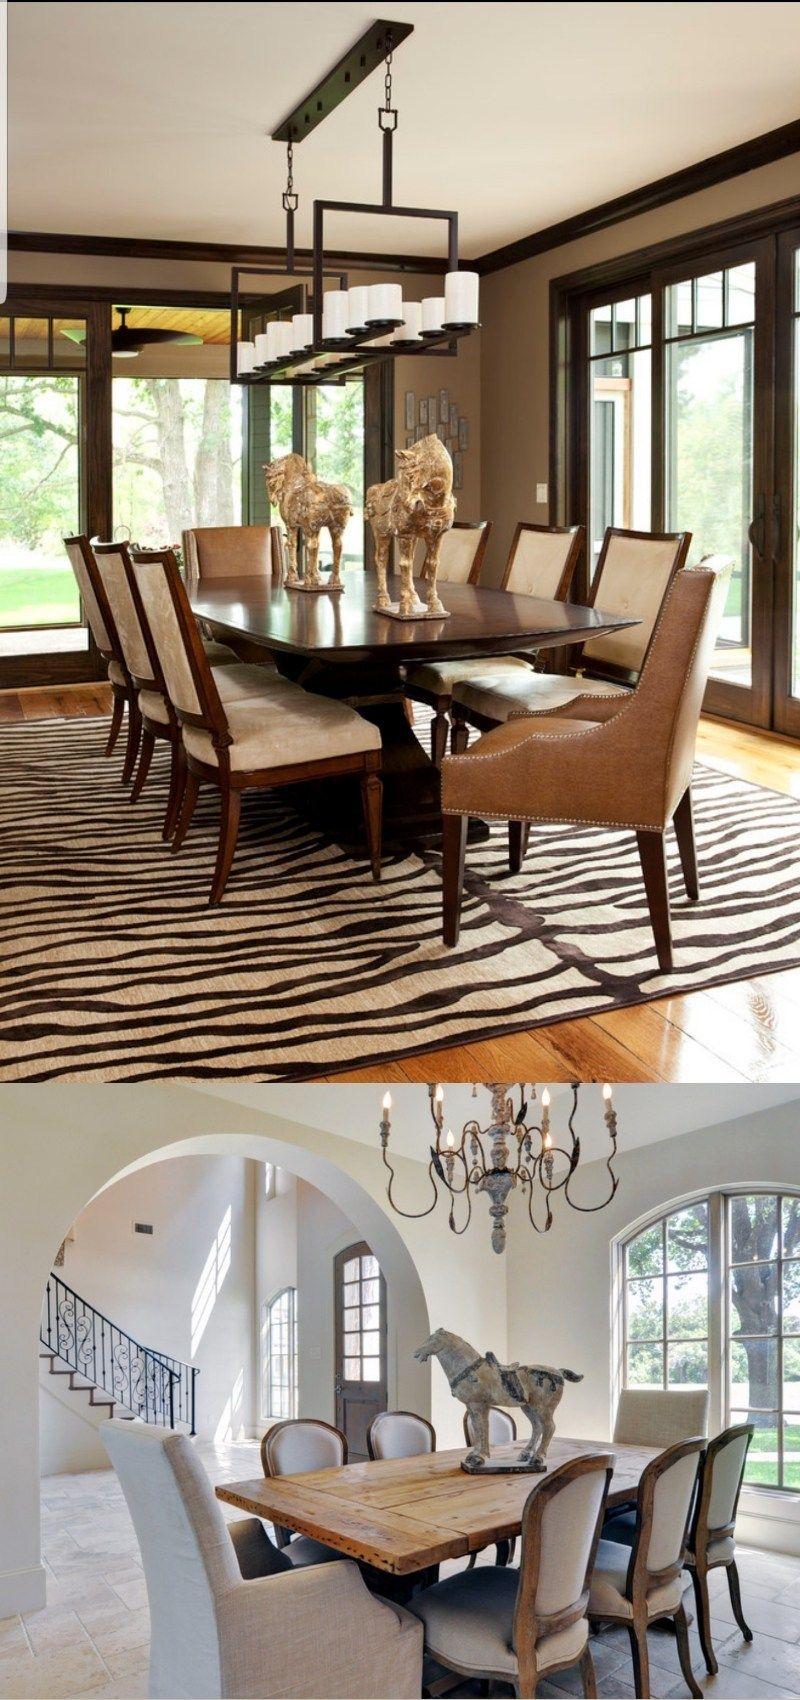 20 Dining Room Centerpiece Ideas, Dining Room Centerpiece Ideas